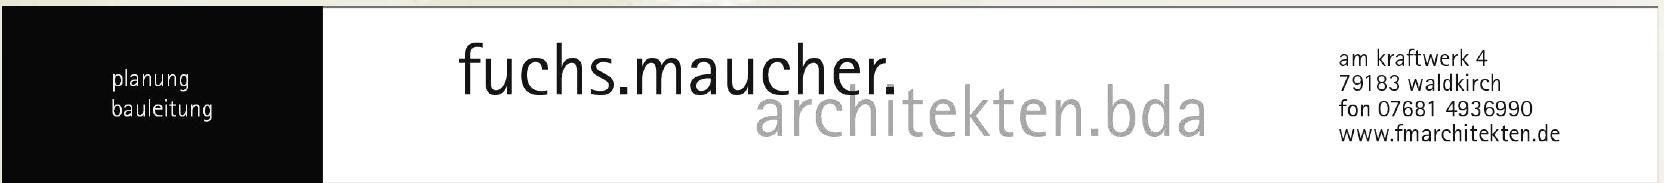 fuchs.maucher.architekten.bda